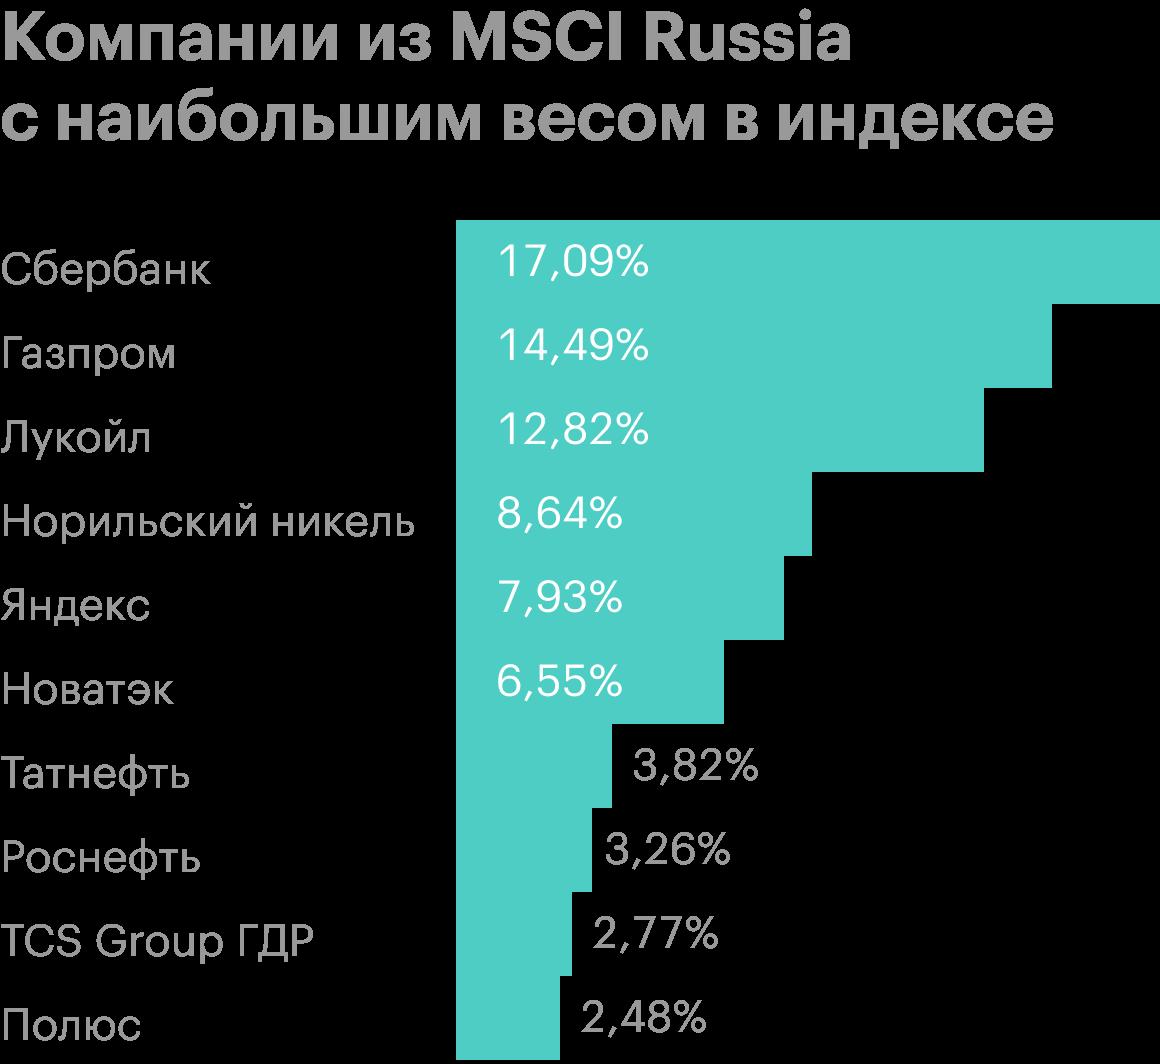 Источник: MSCI